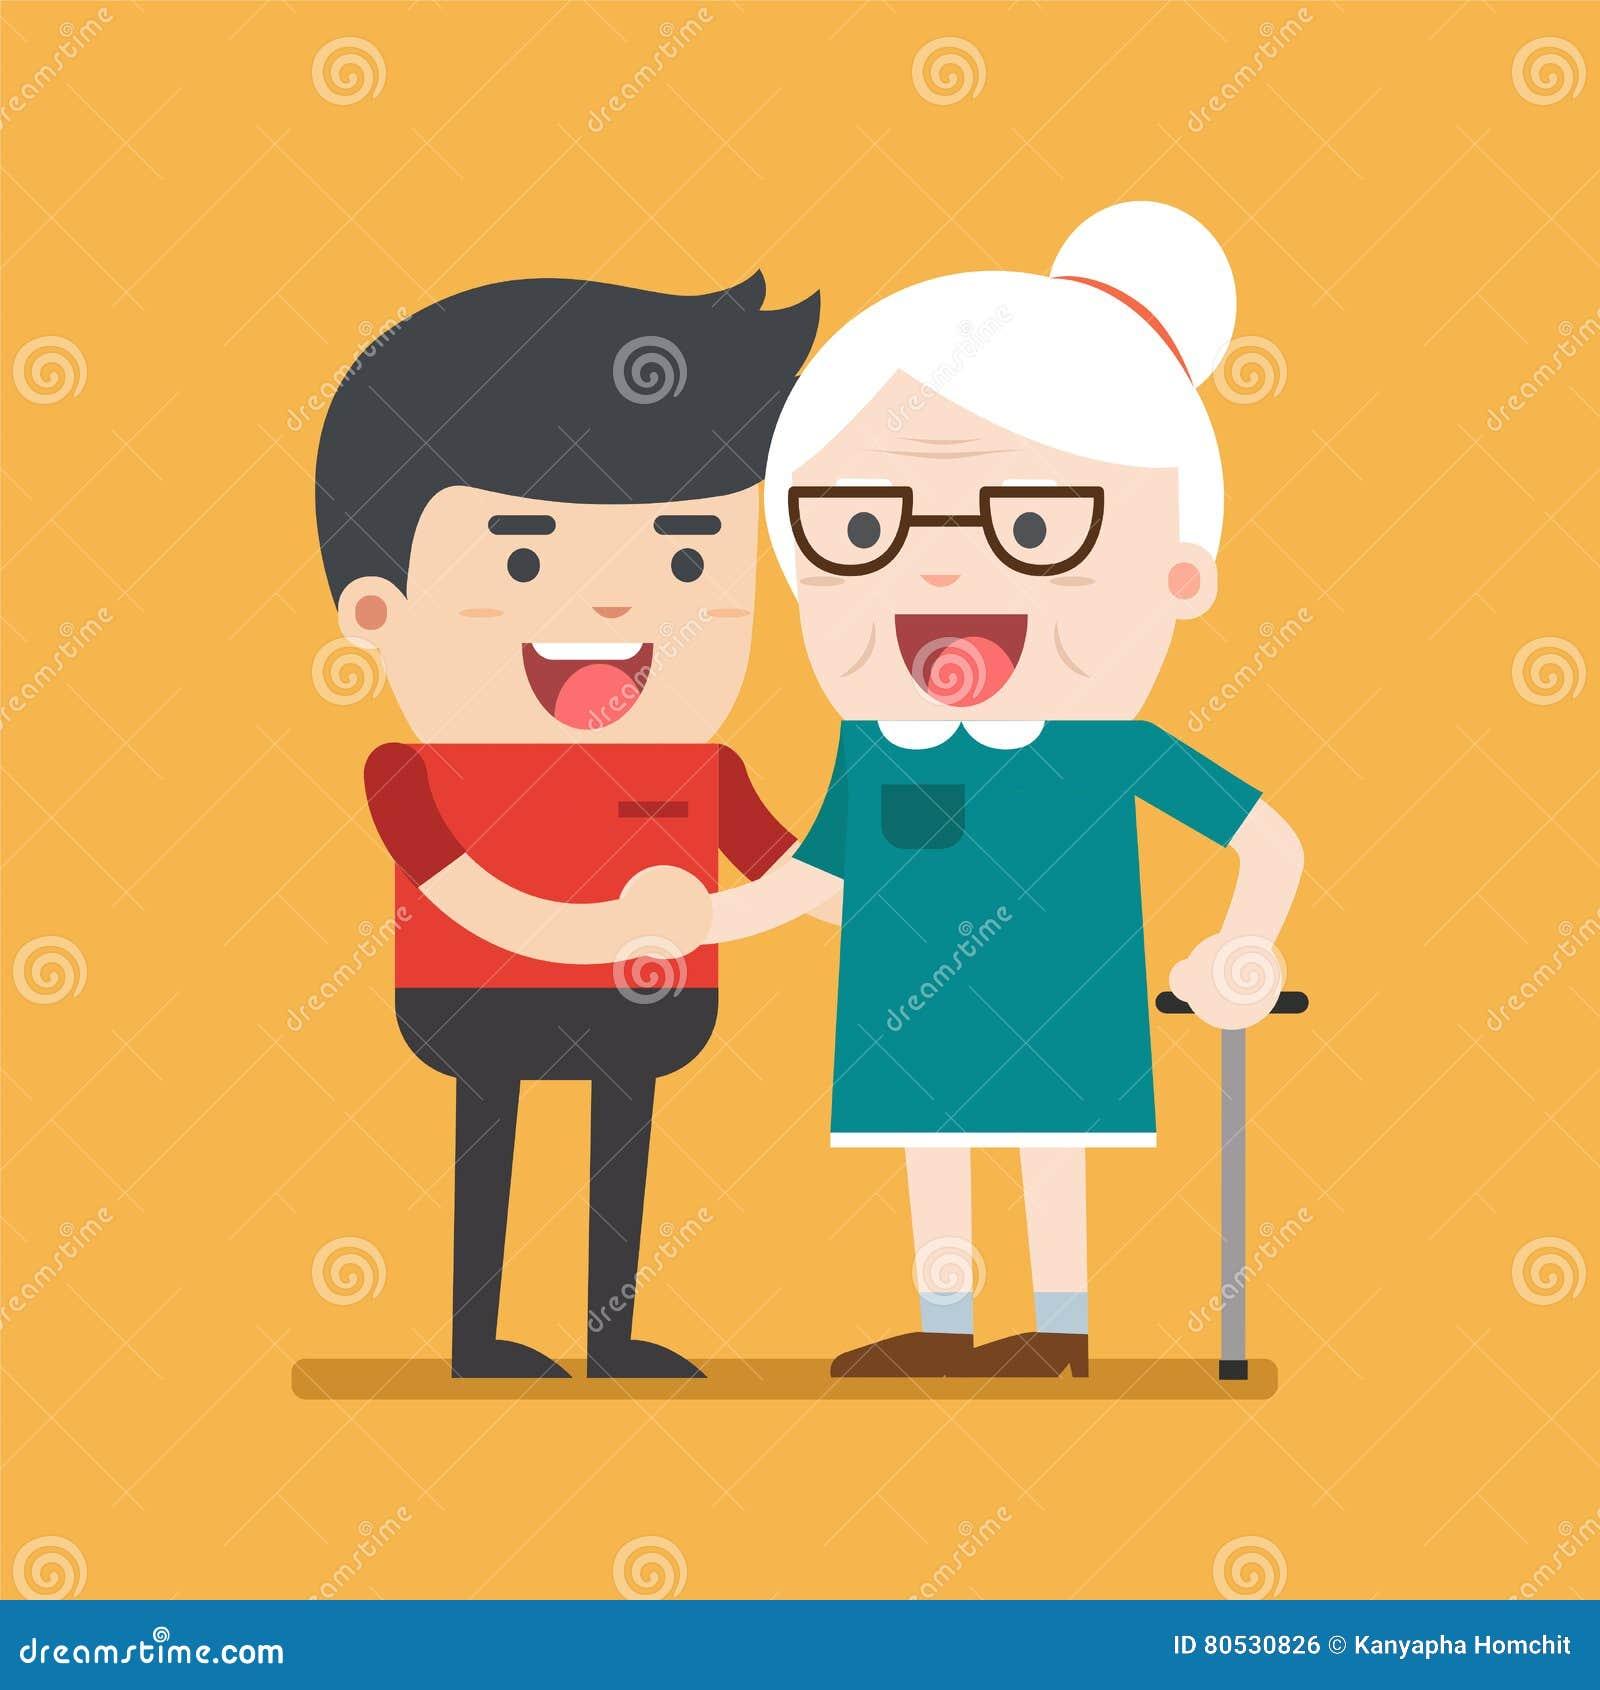 Illustration von Jungen erbieten den Mann freiwillig, der für ältere Frau sich interessiert